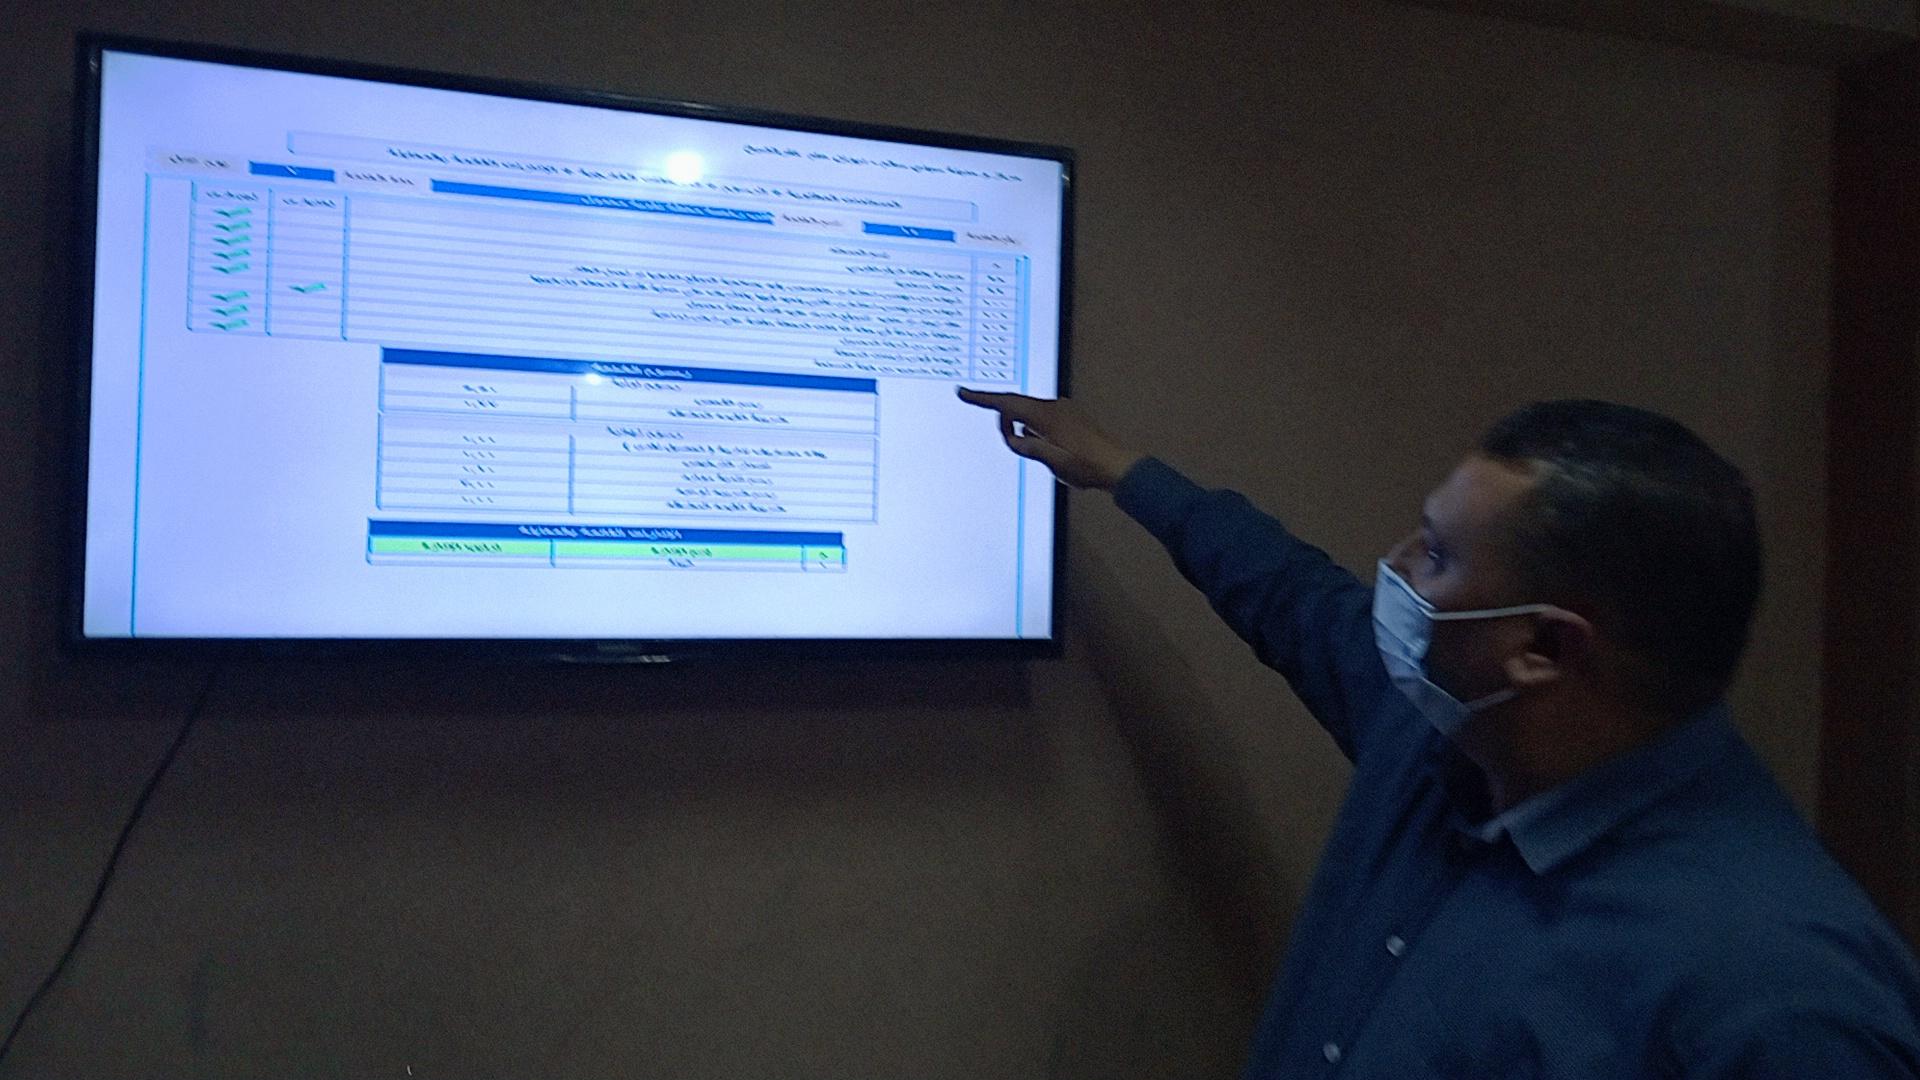 لافتة توضح بيانات الضوابط والاشتراطات التخطيطية والبنائية الجديدة